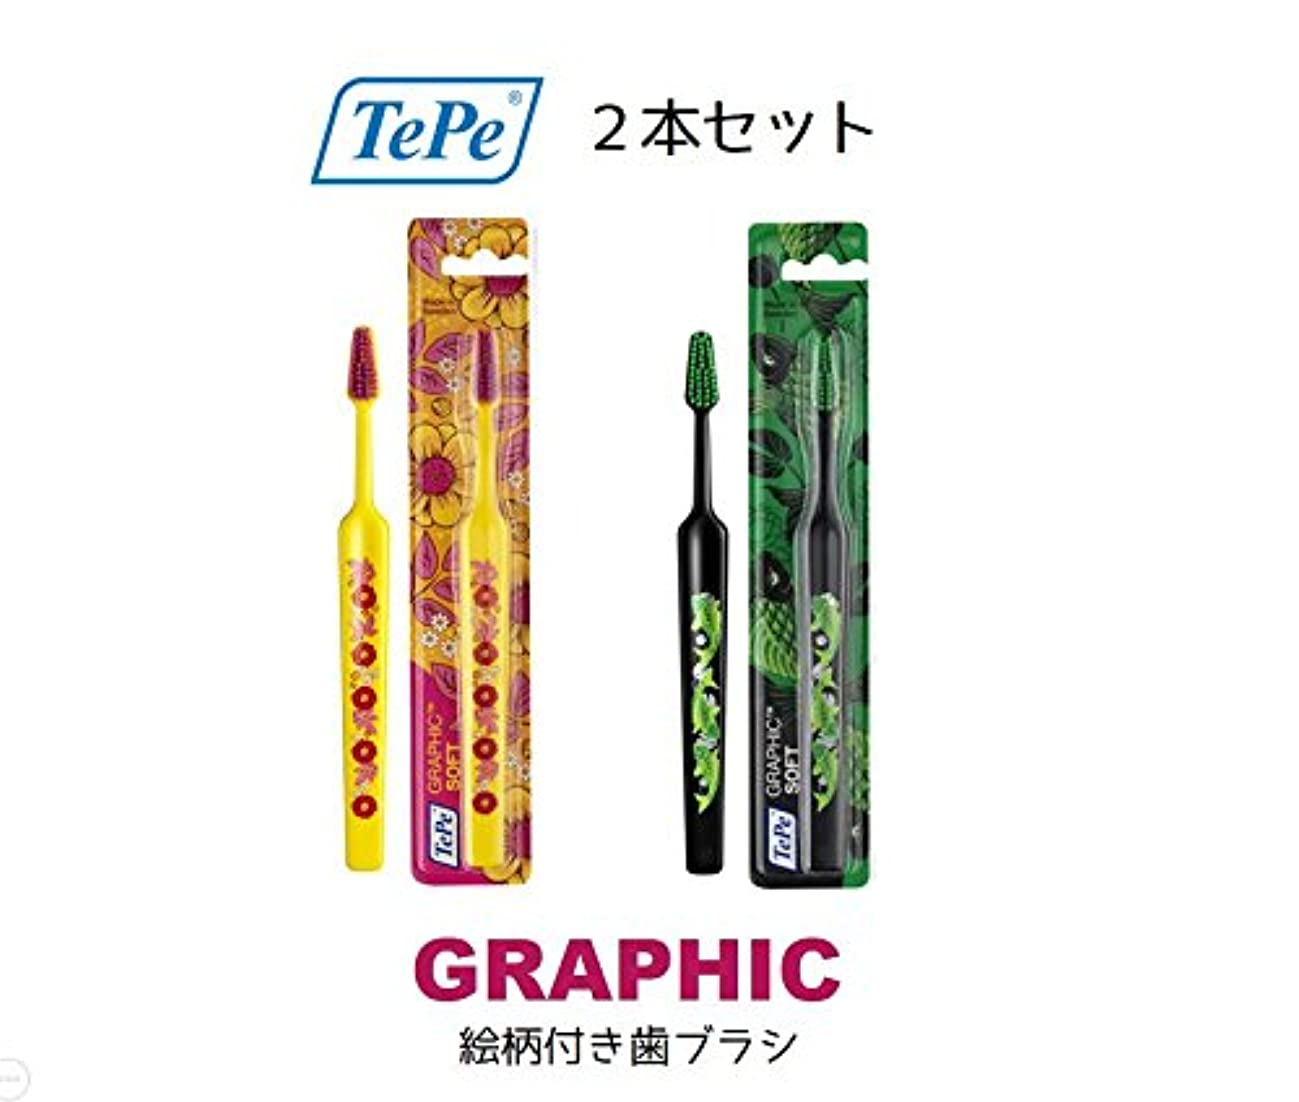 混乱カヌー以下テペ グラフィック ソフト 2本セット TePe Graphic soft (ミックス)